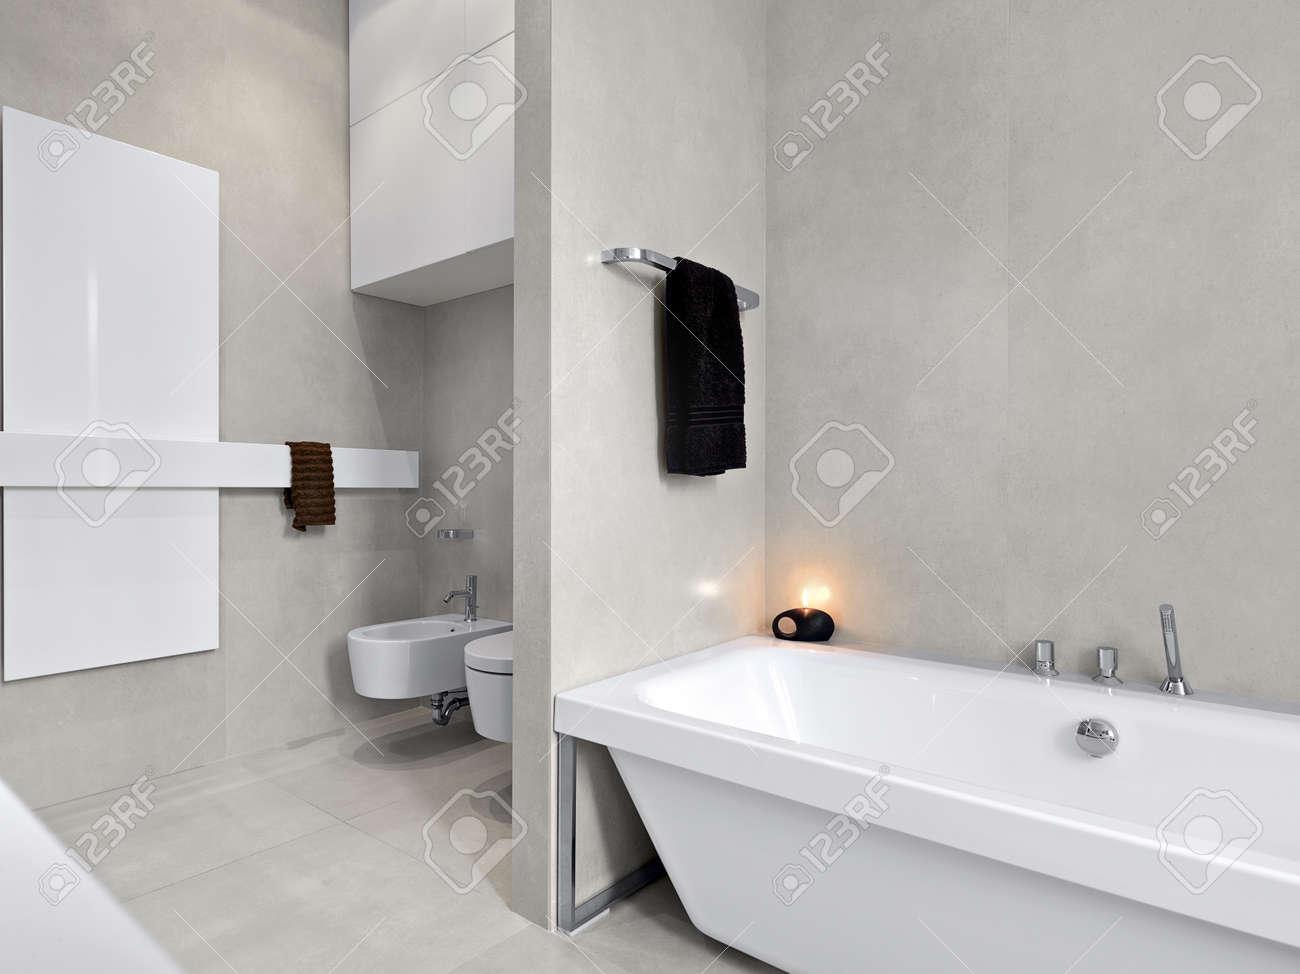 Baignoire Moderne Dans Une Salle De Bains Moderne Avec Vue Sur Le